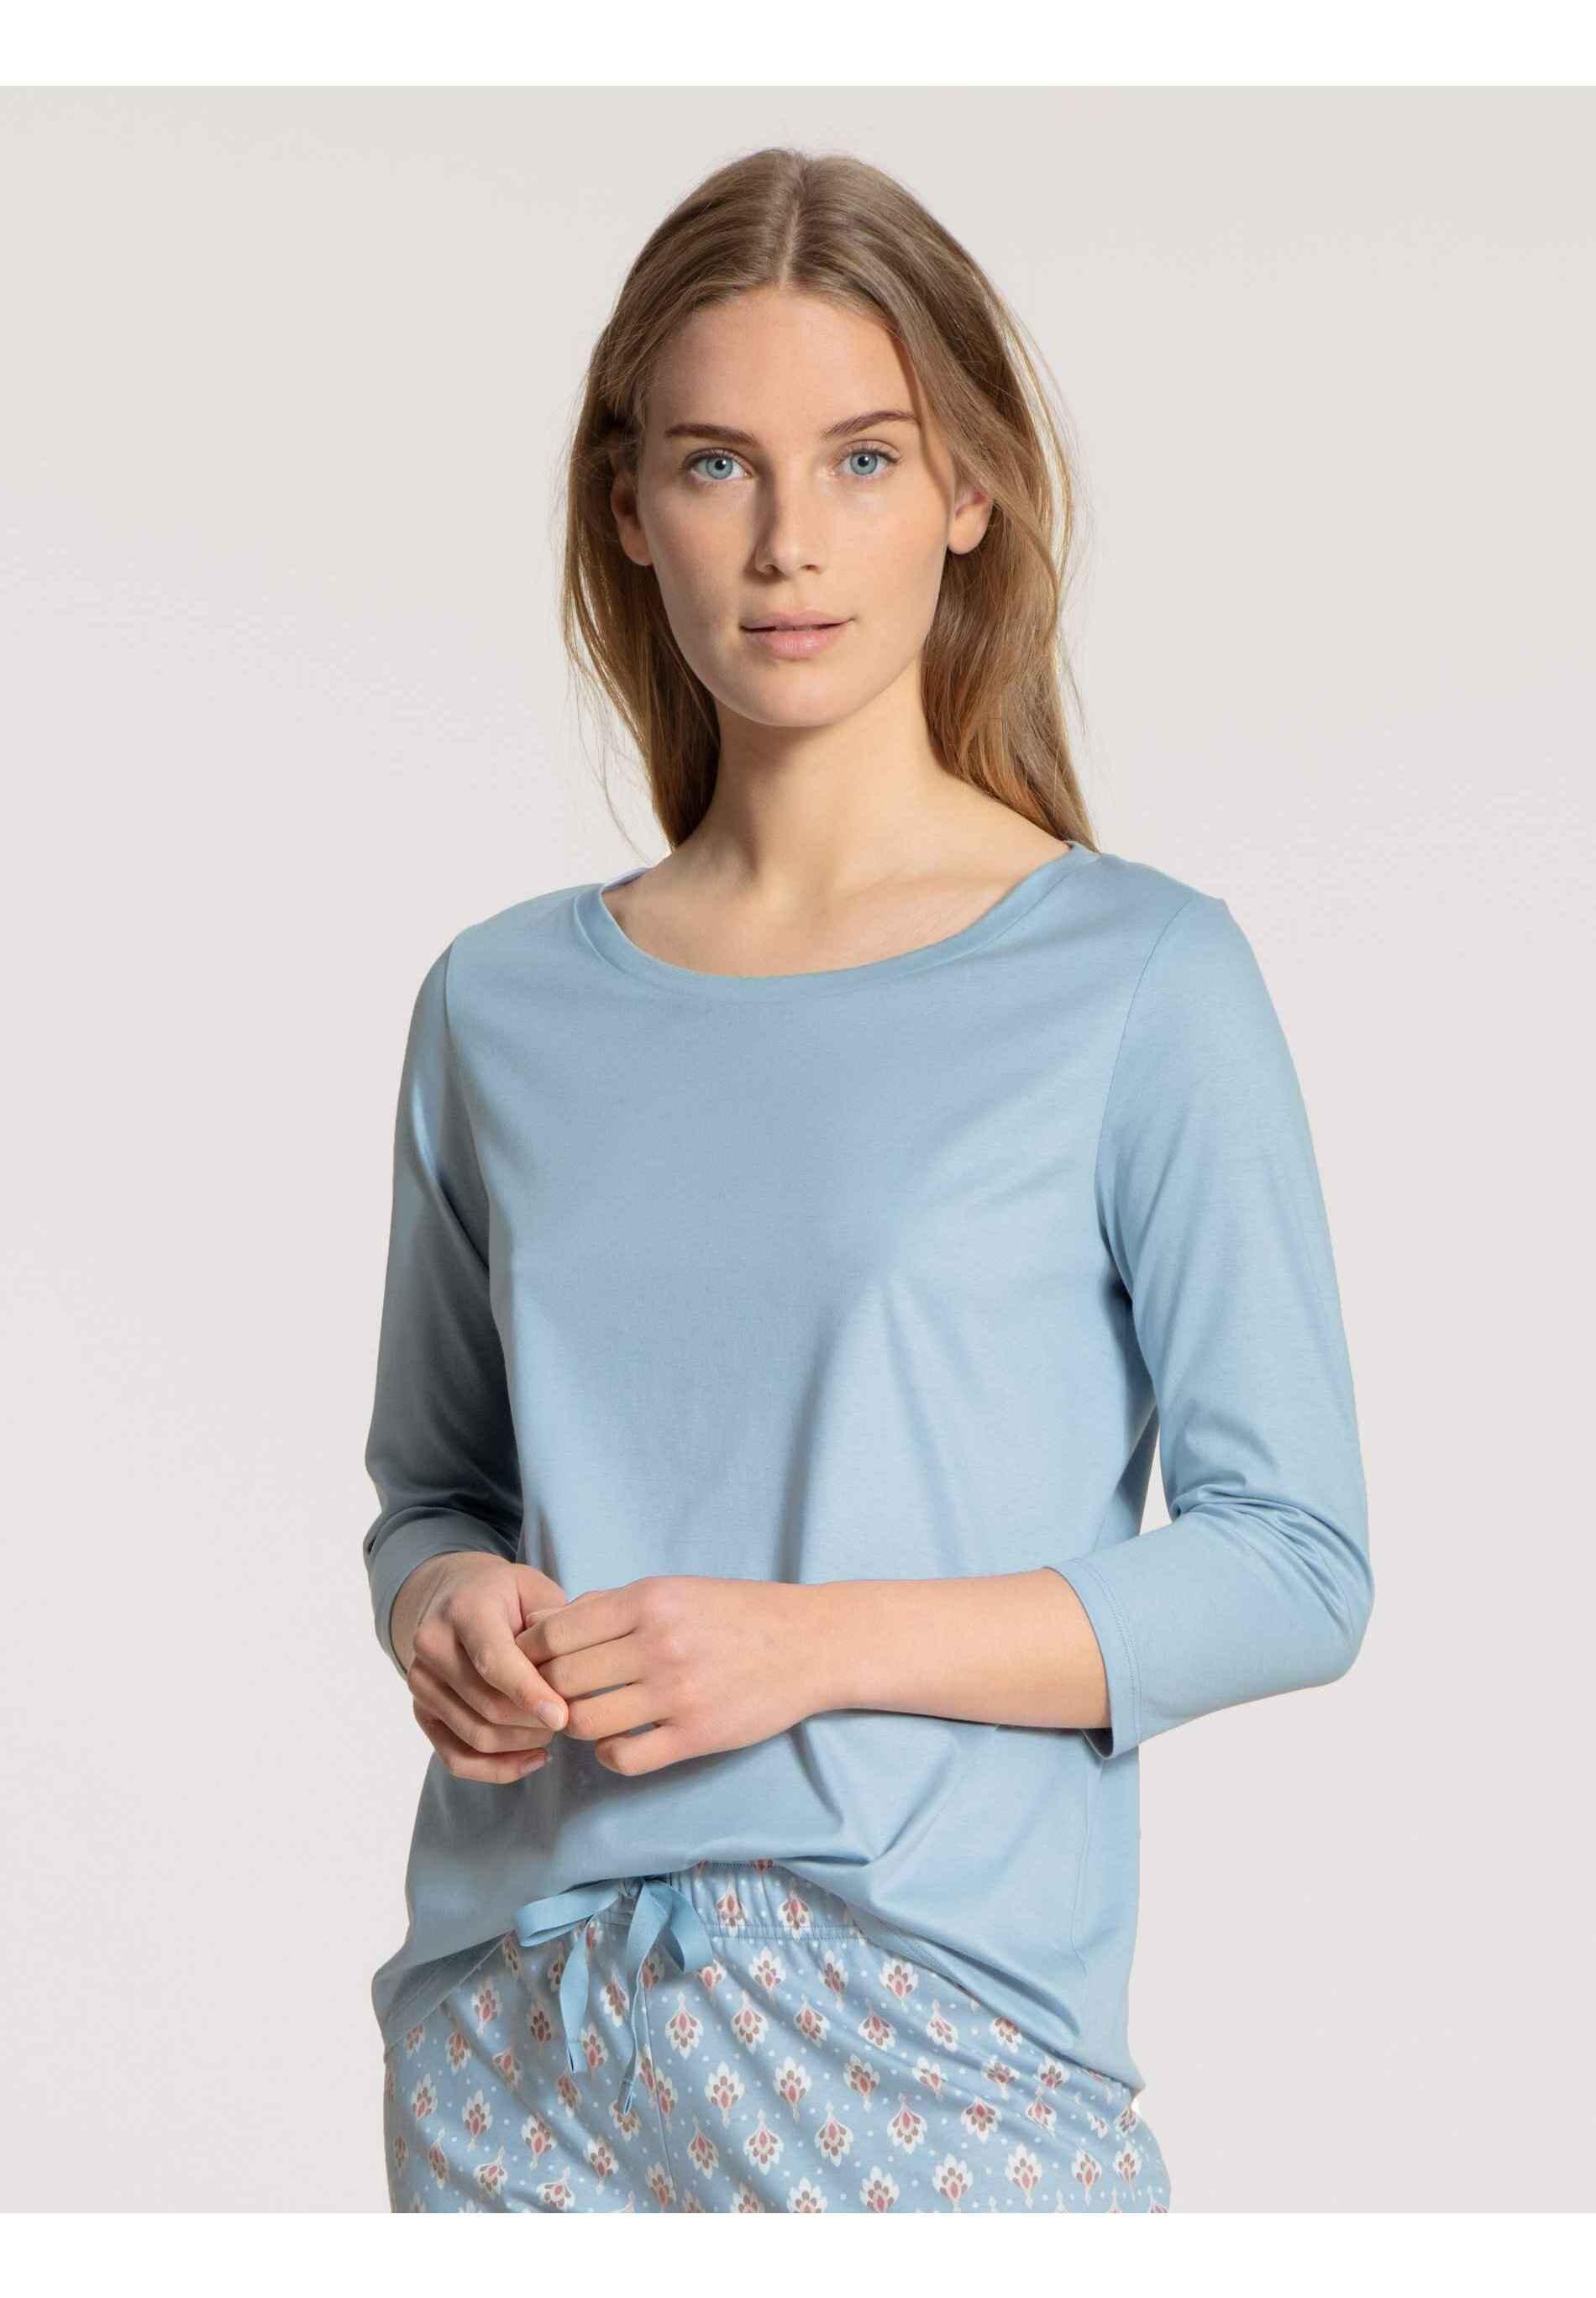 Damen MIT 3/4-ARM - Nachtwäsche Shirt